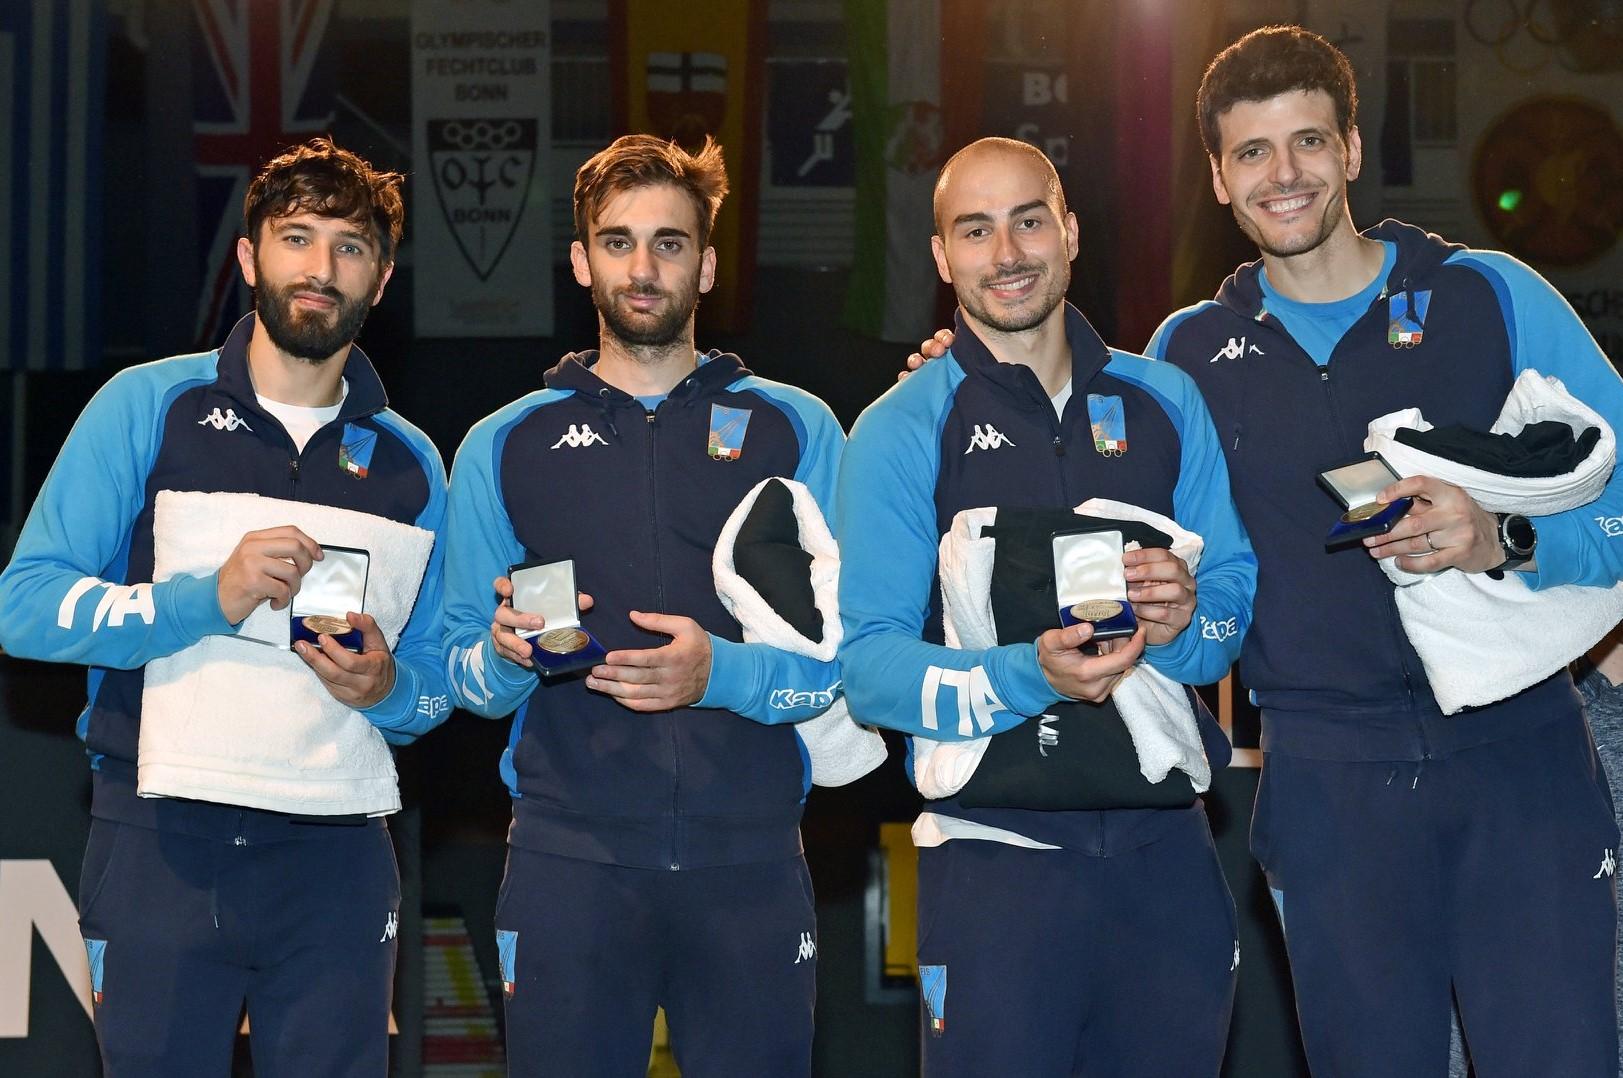 Scherma, argento per il fioretto maschile azzurro nella prima tappa della Coppa del Mondo